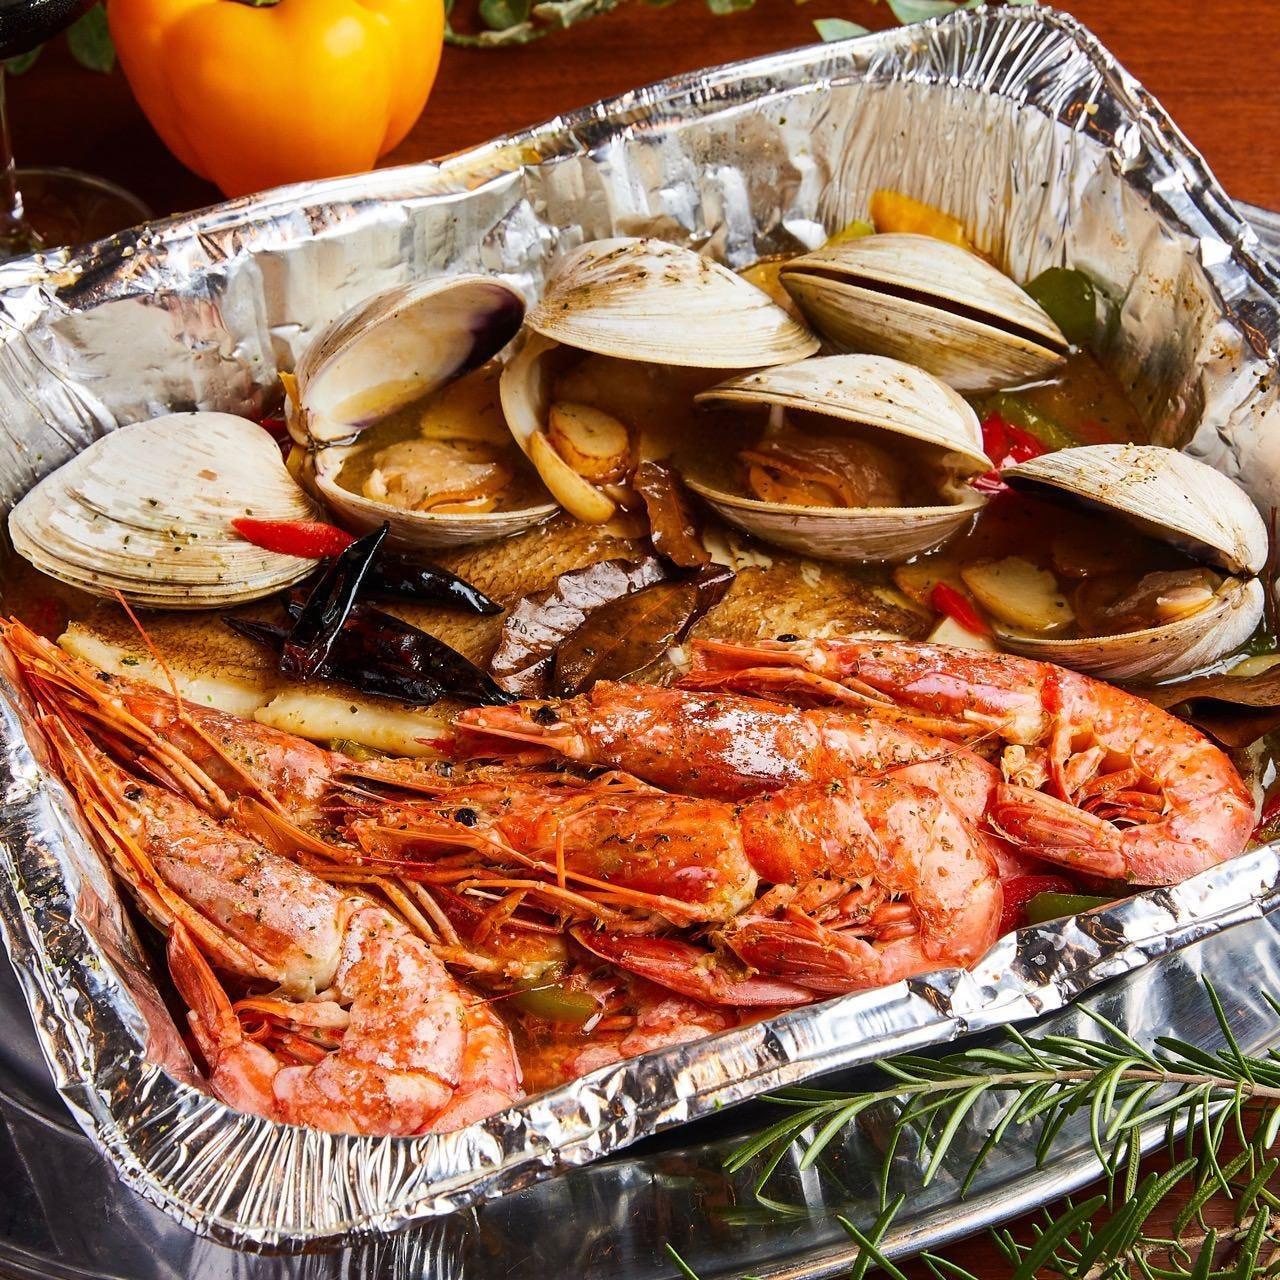 海鮮やお野菜もたっぷりと!完全貸切で楽しむ絶品BBQ料理